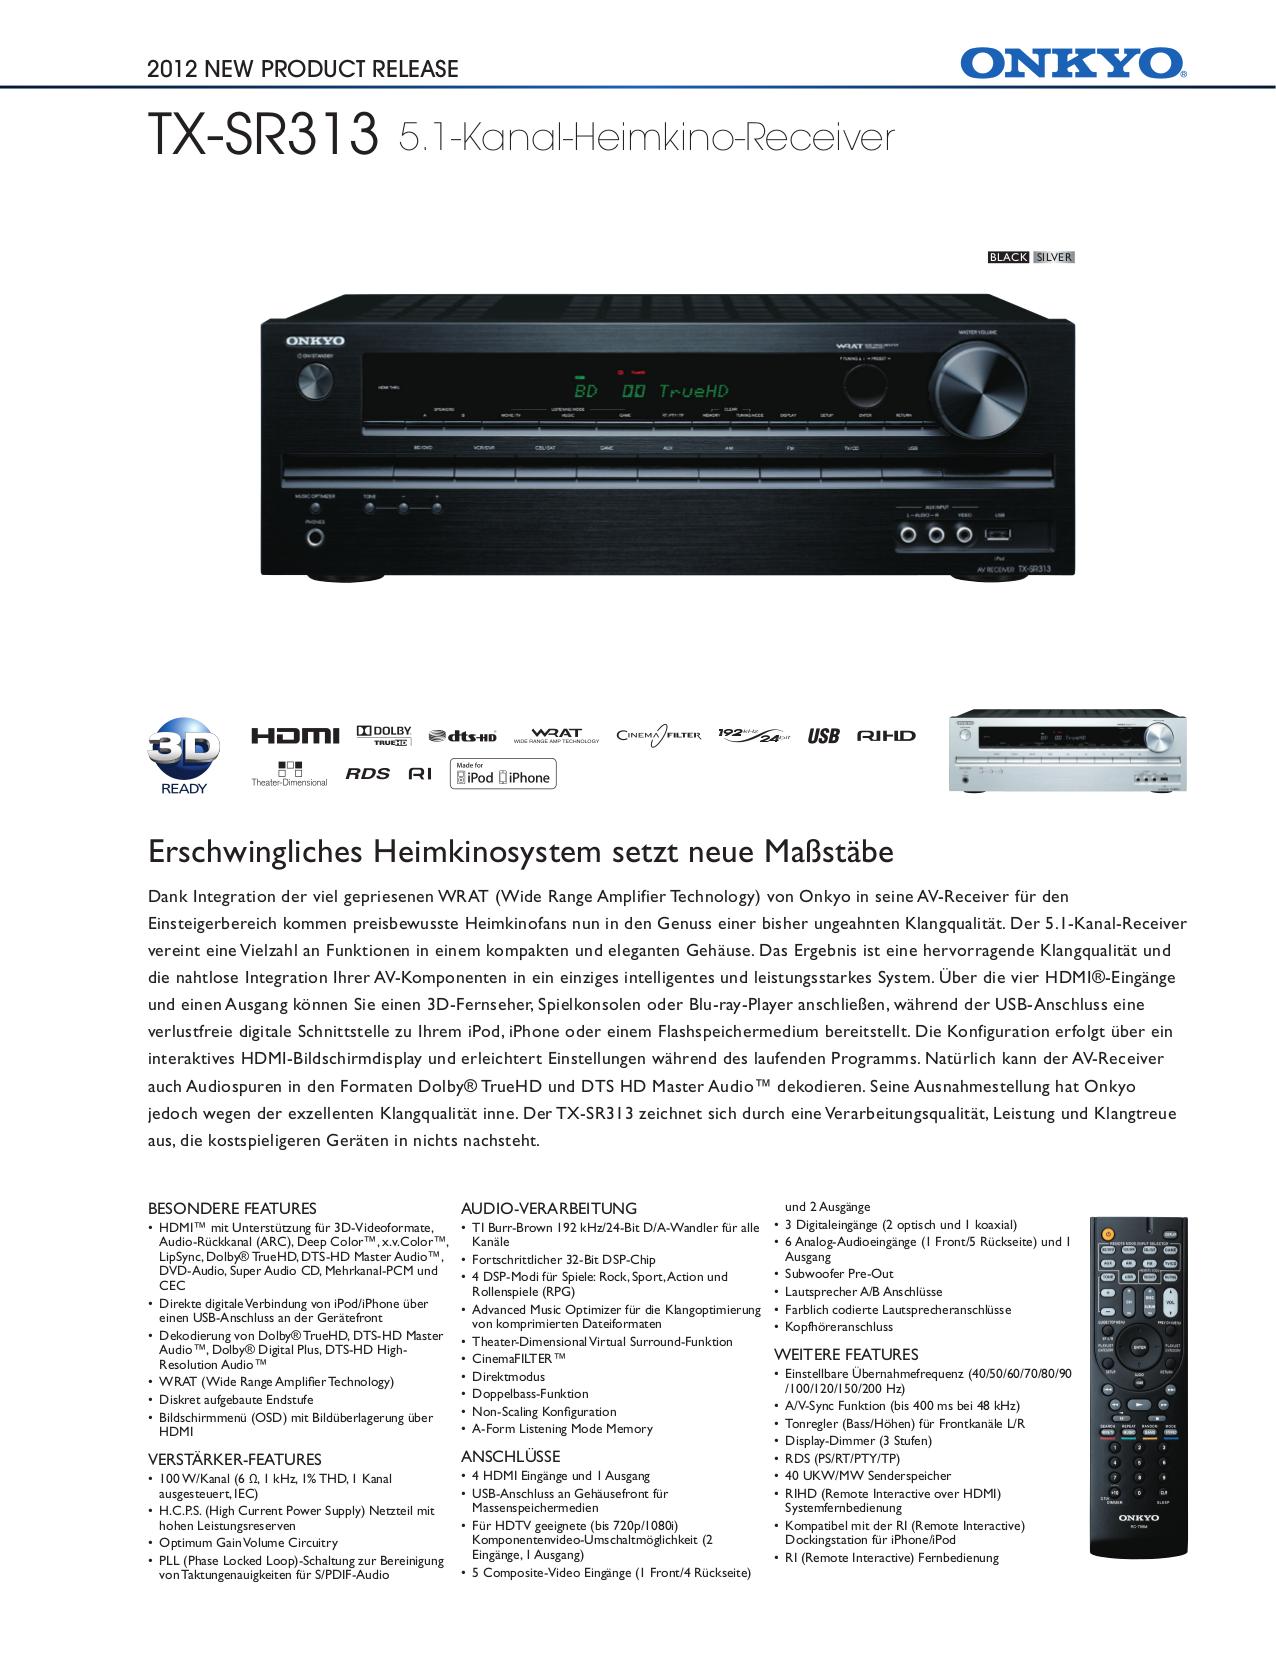 download free pdf for onkyo tx sr313 receiver manual rh umlib com onkyo tx-sr313 specifications Onkyo Tx- Sr373